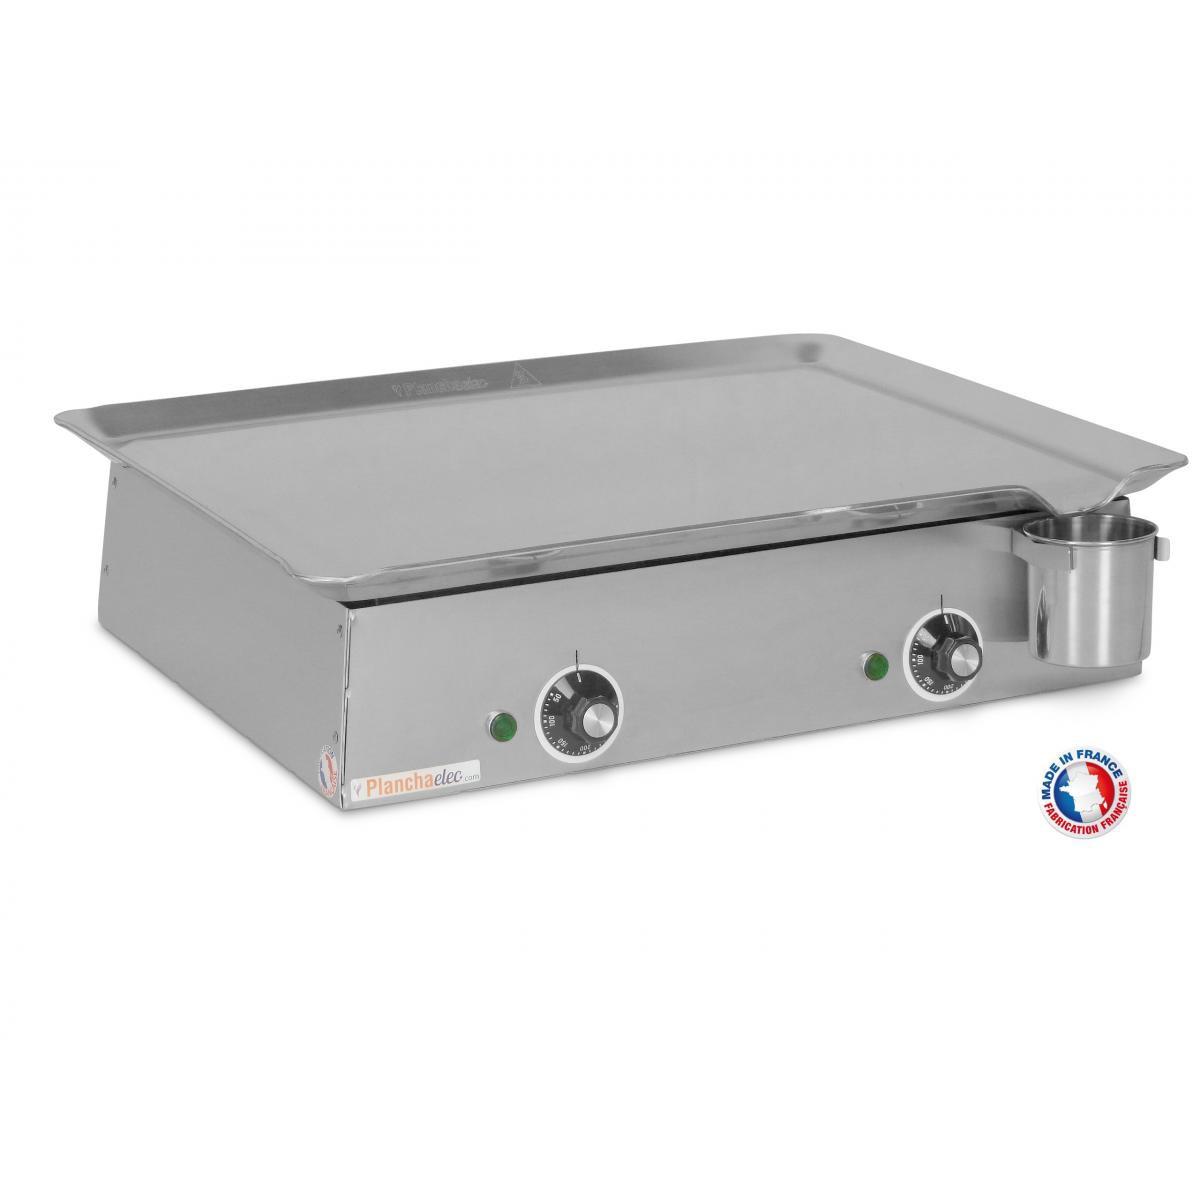 Planchaelec Plancha électrique PLANCHAELEC CLASSIC 600 - INOX - 2400 W